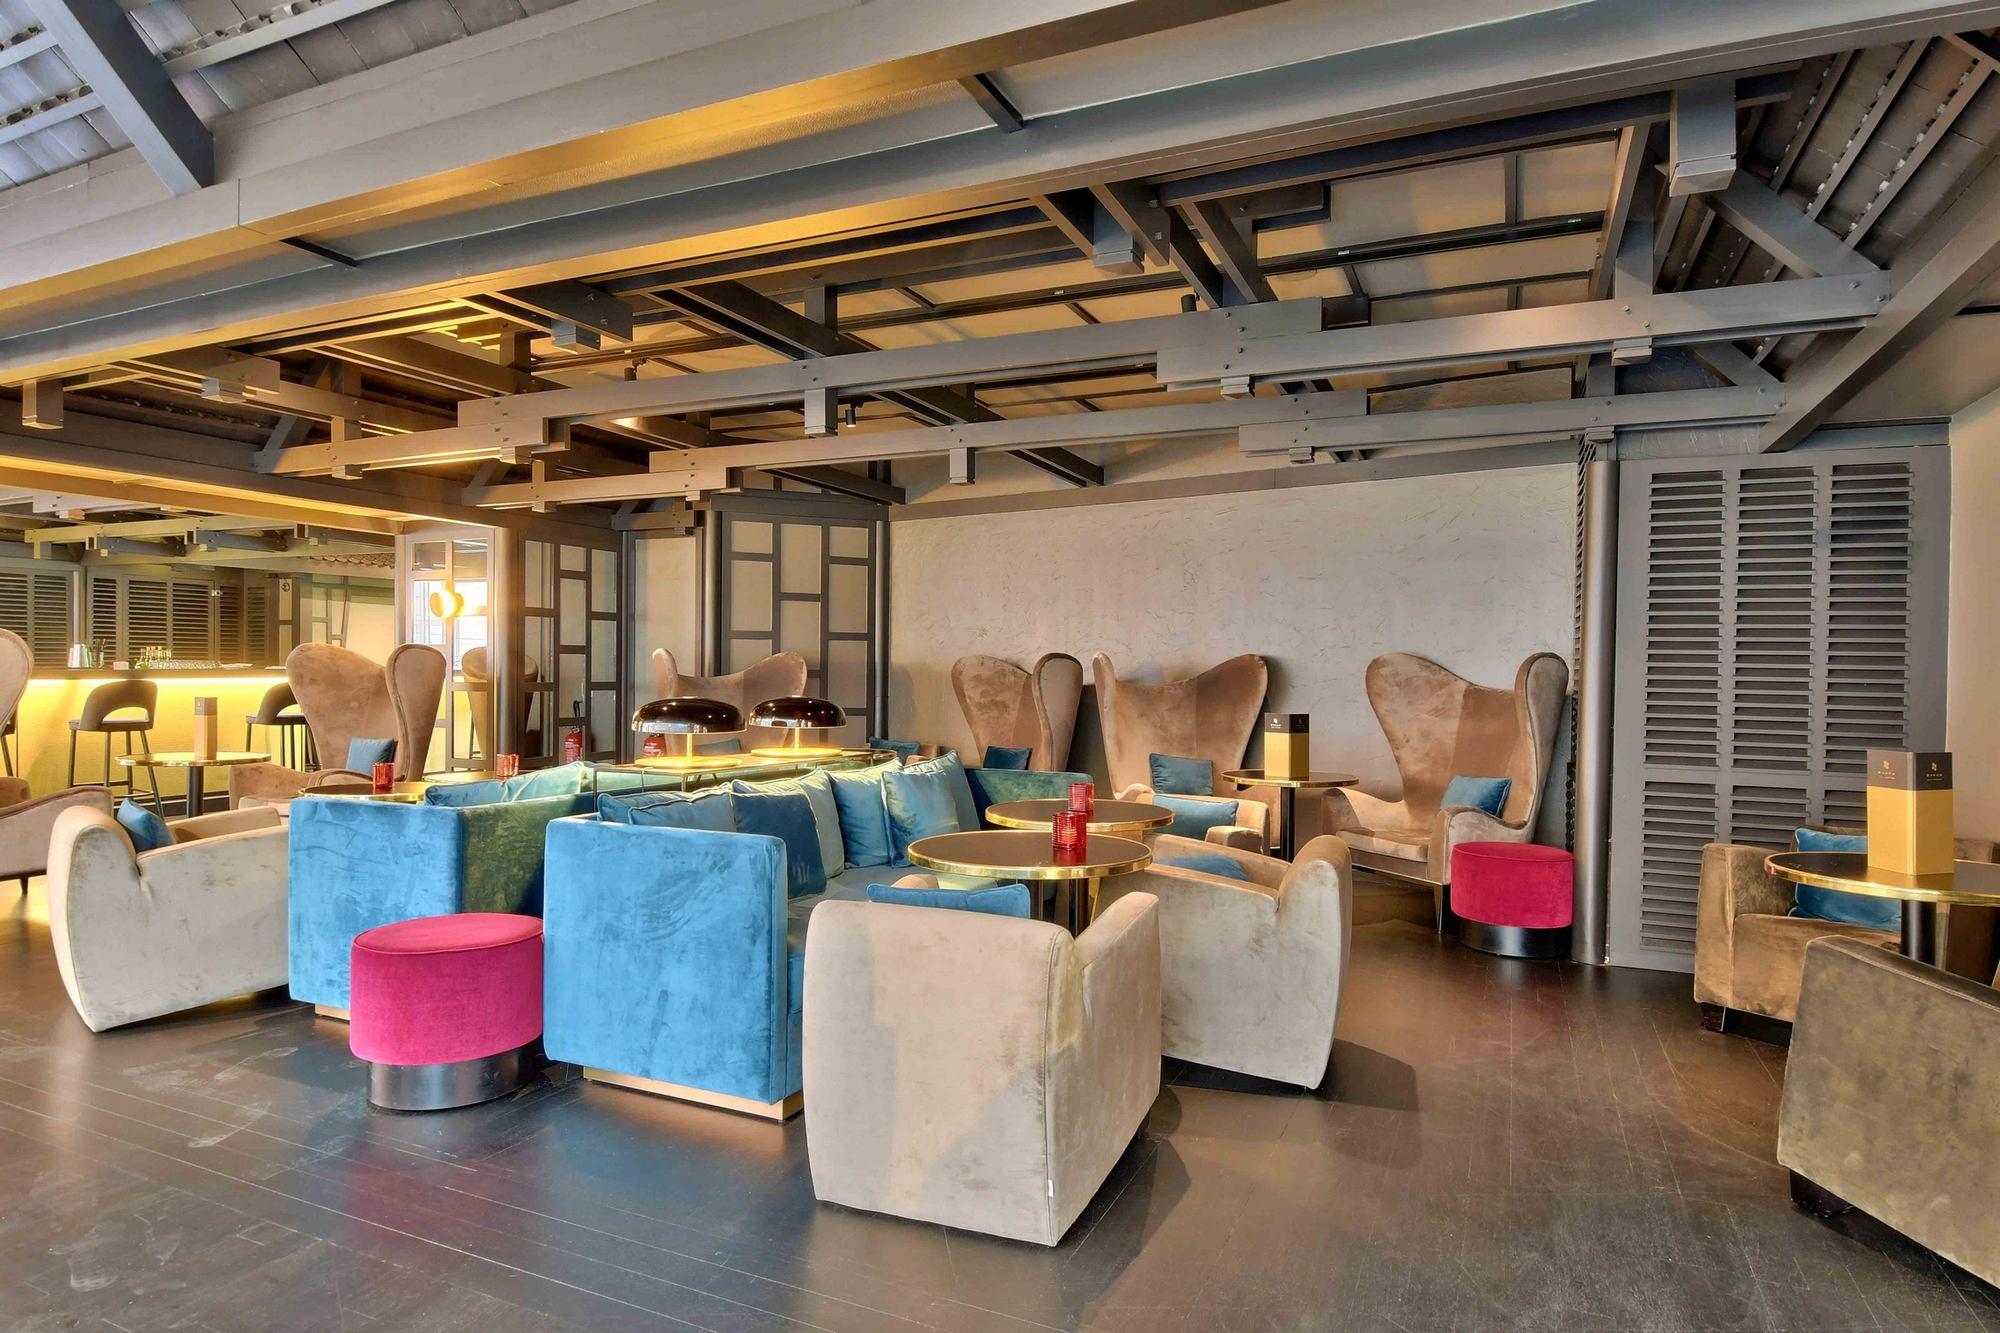 PHOTOS hôtel Marriott salon Cité Internationale Lyon 69006